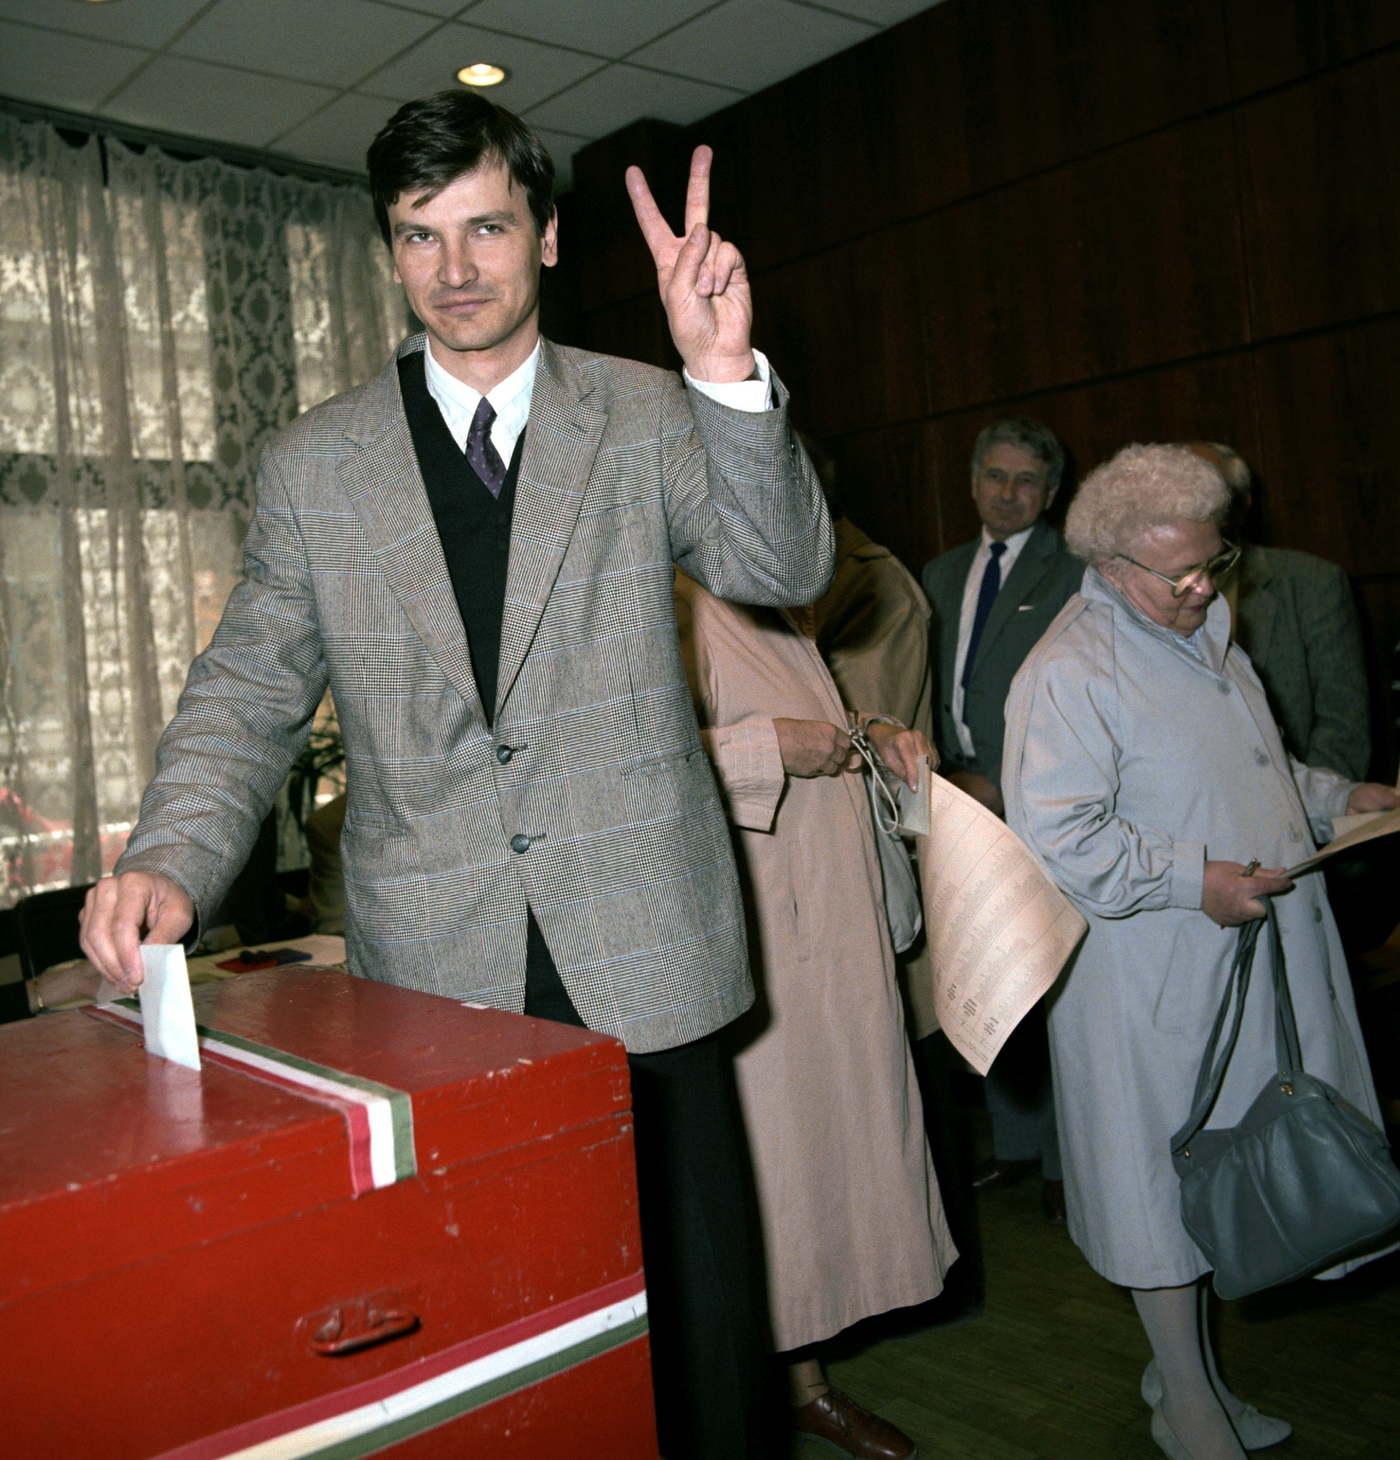 Demszky Gábor, a Szabad Demokraták Szövetsége alapító tagja leadja a szavazatát MTI Fotó: Hámor Szabolcs